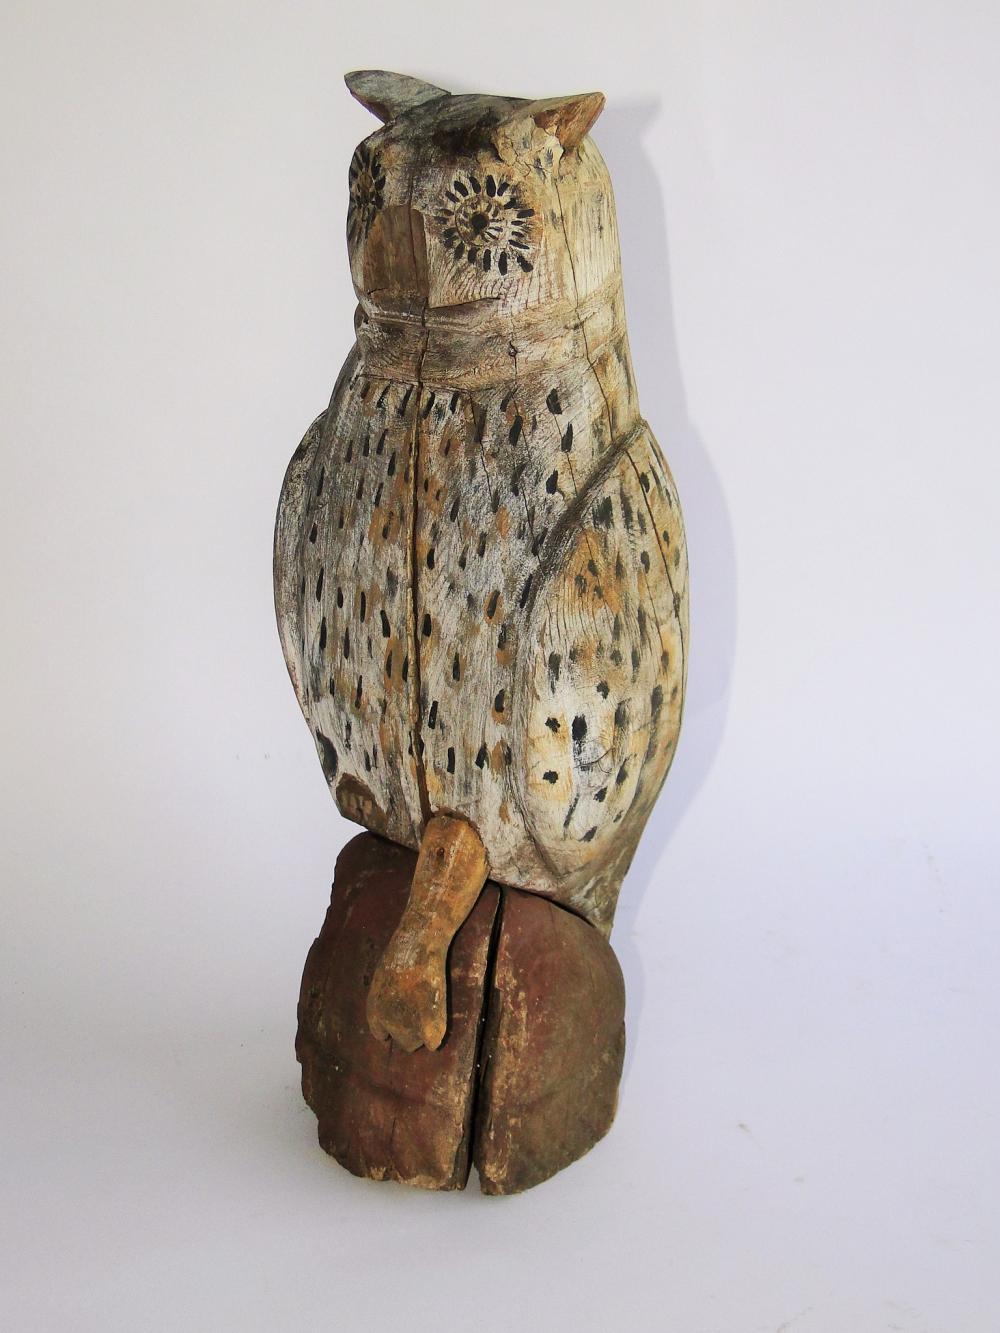 19TH C FENCE POST DECOY OWL